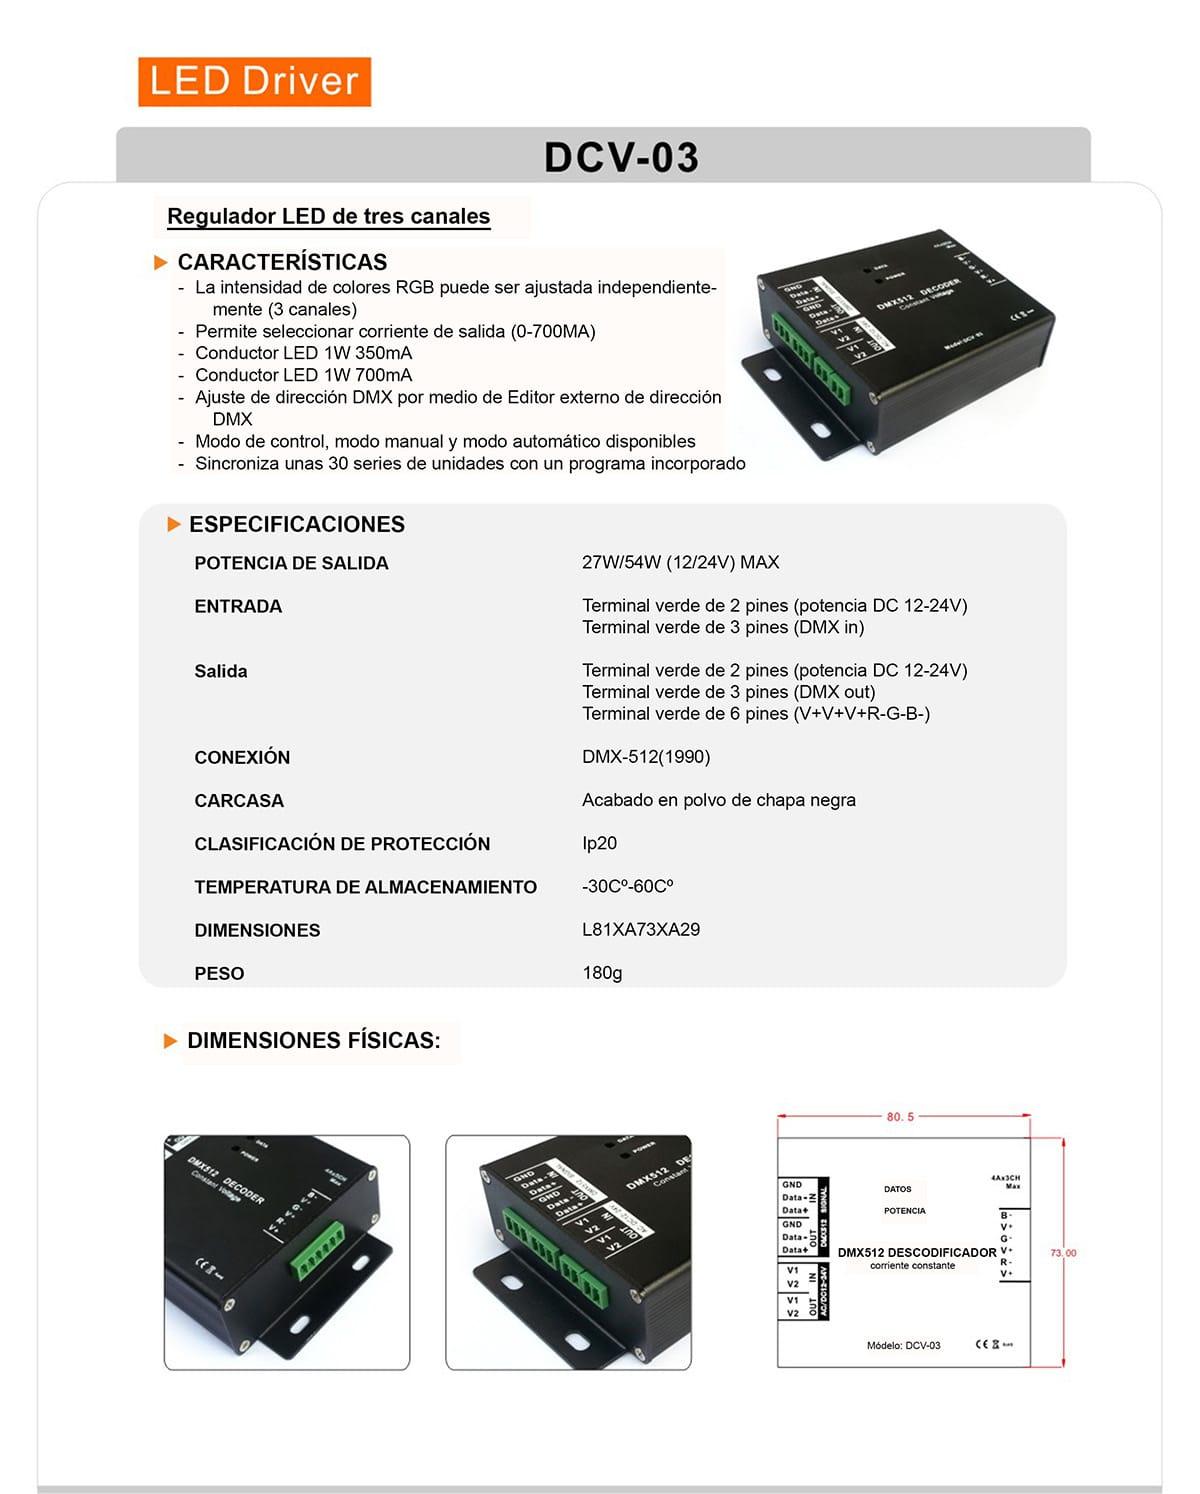 DCV-03